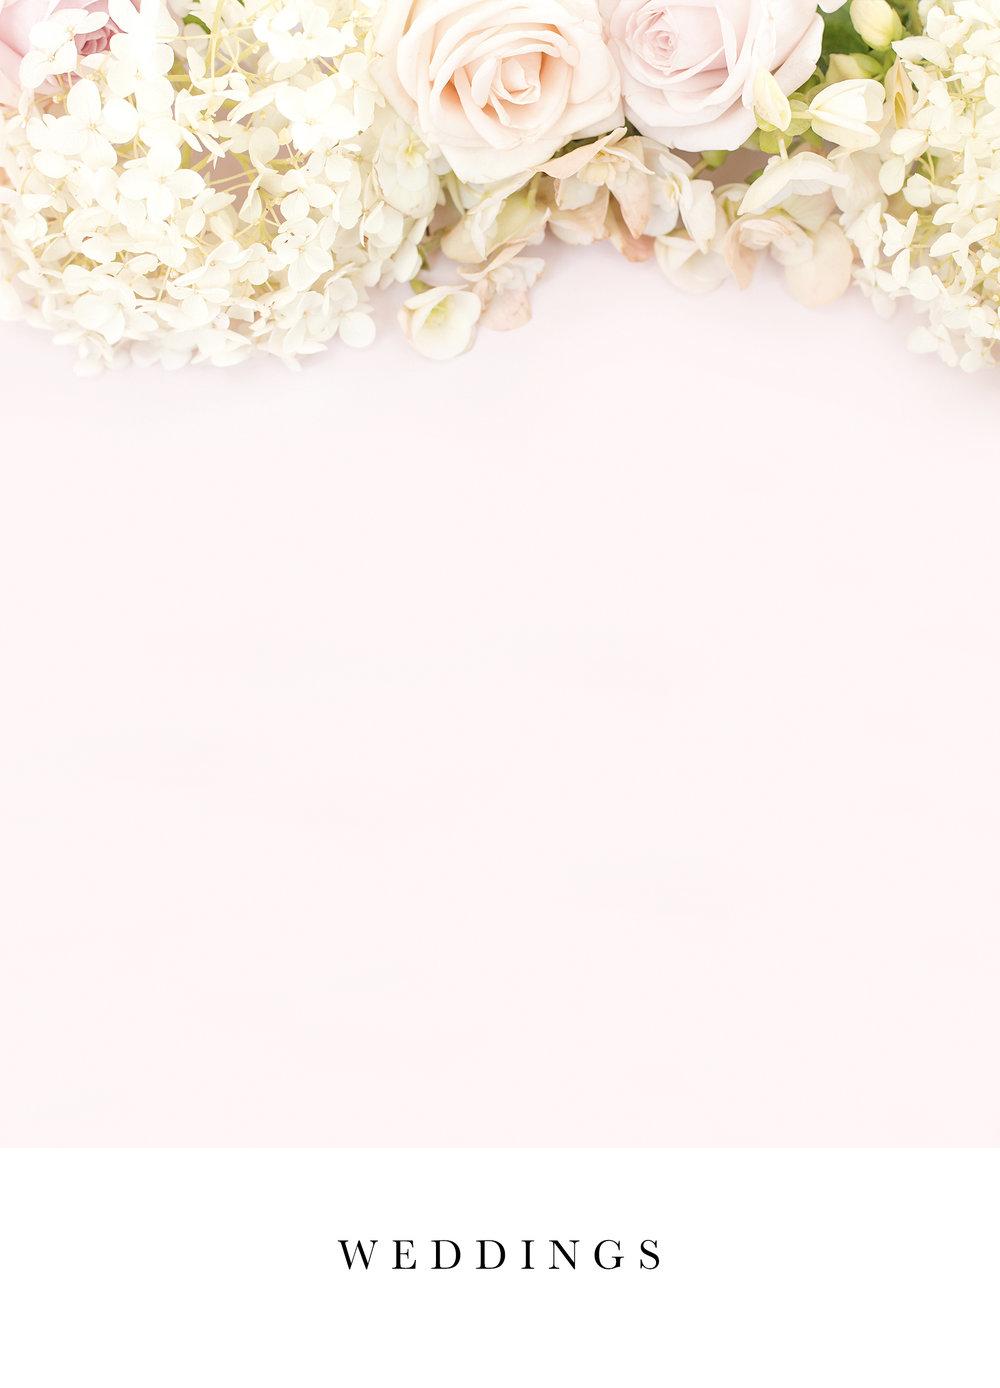 http://acetidesignco.com/blog/?category=Weddings